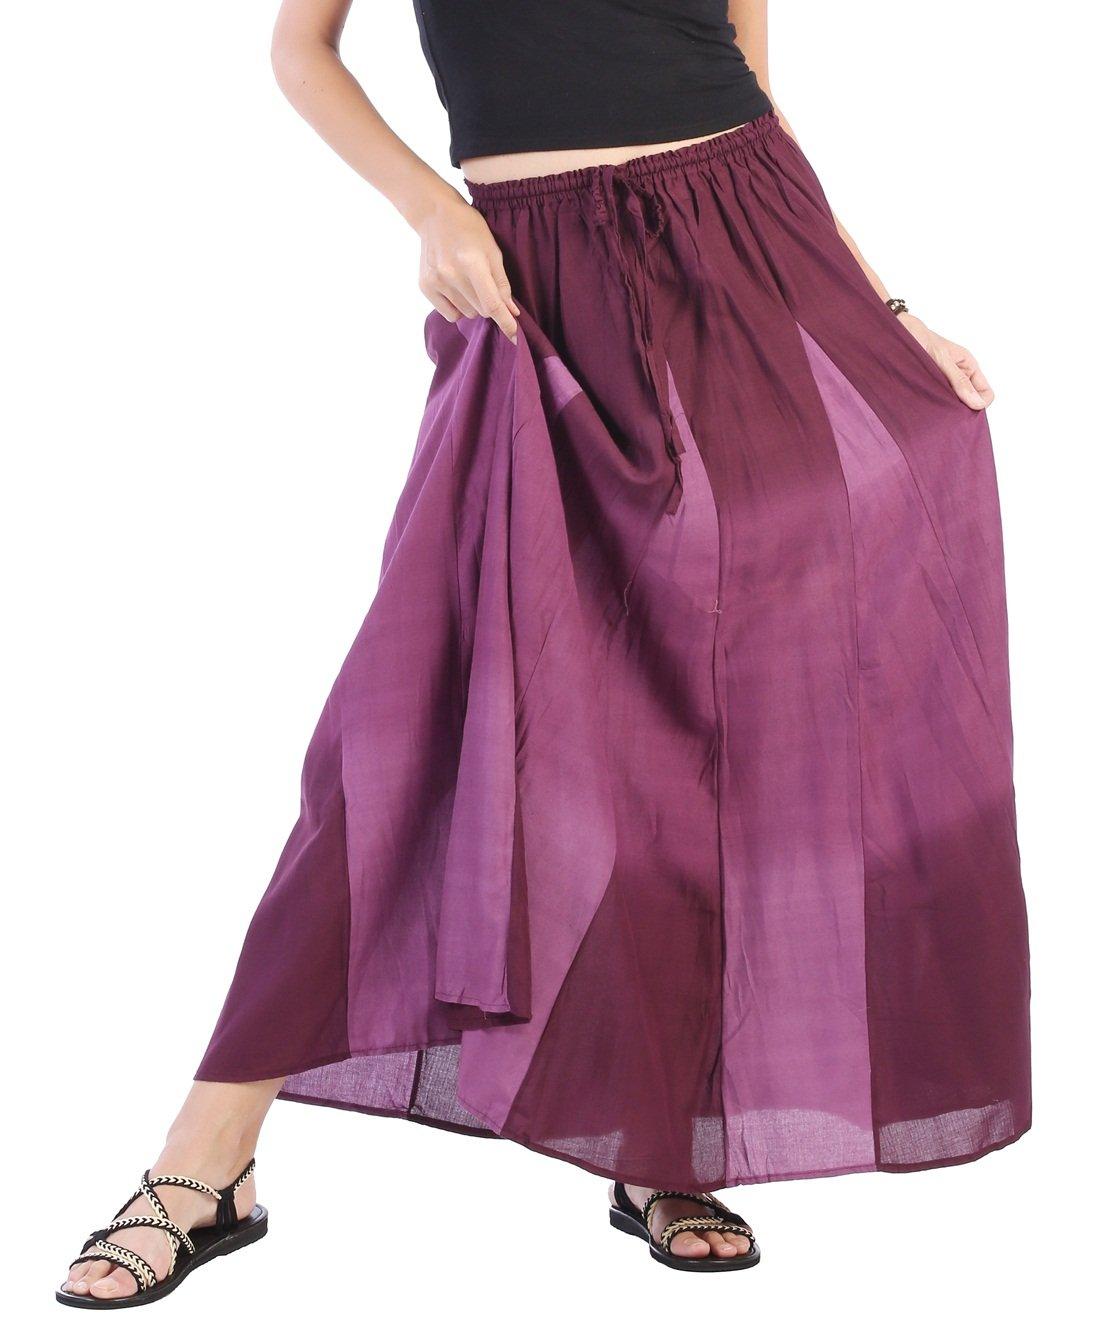 CandyHusky Women's Tie Dye Long Bohemian Hippie Gypsy Casual Skirt US Size XS-L (Dark Purple)